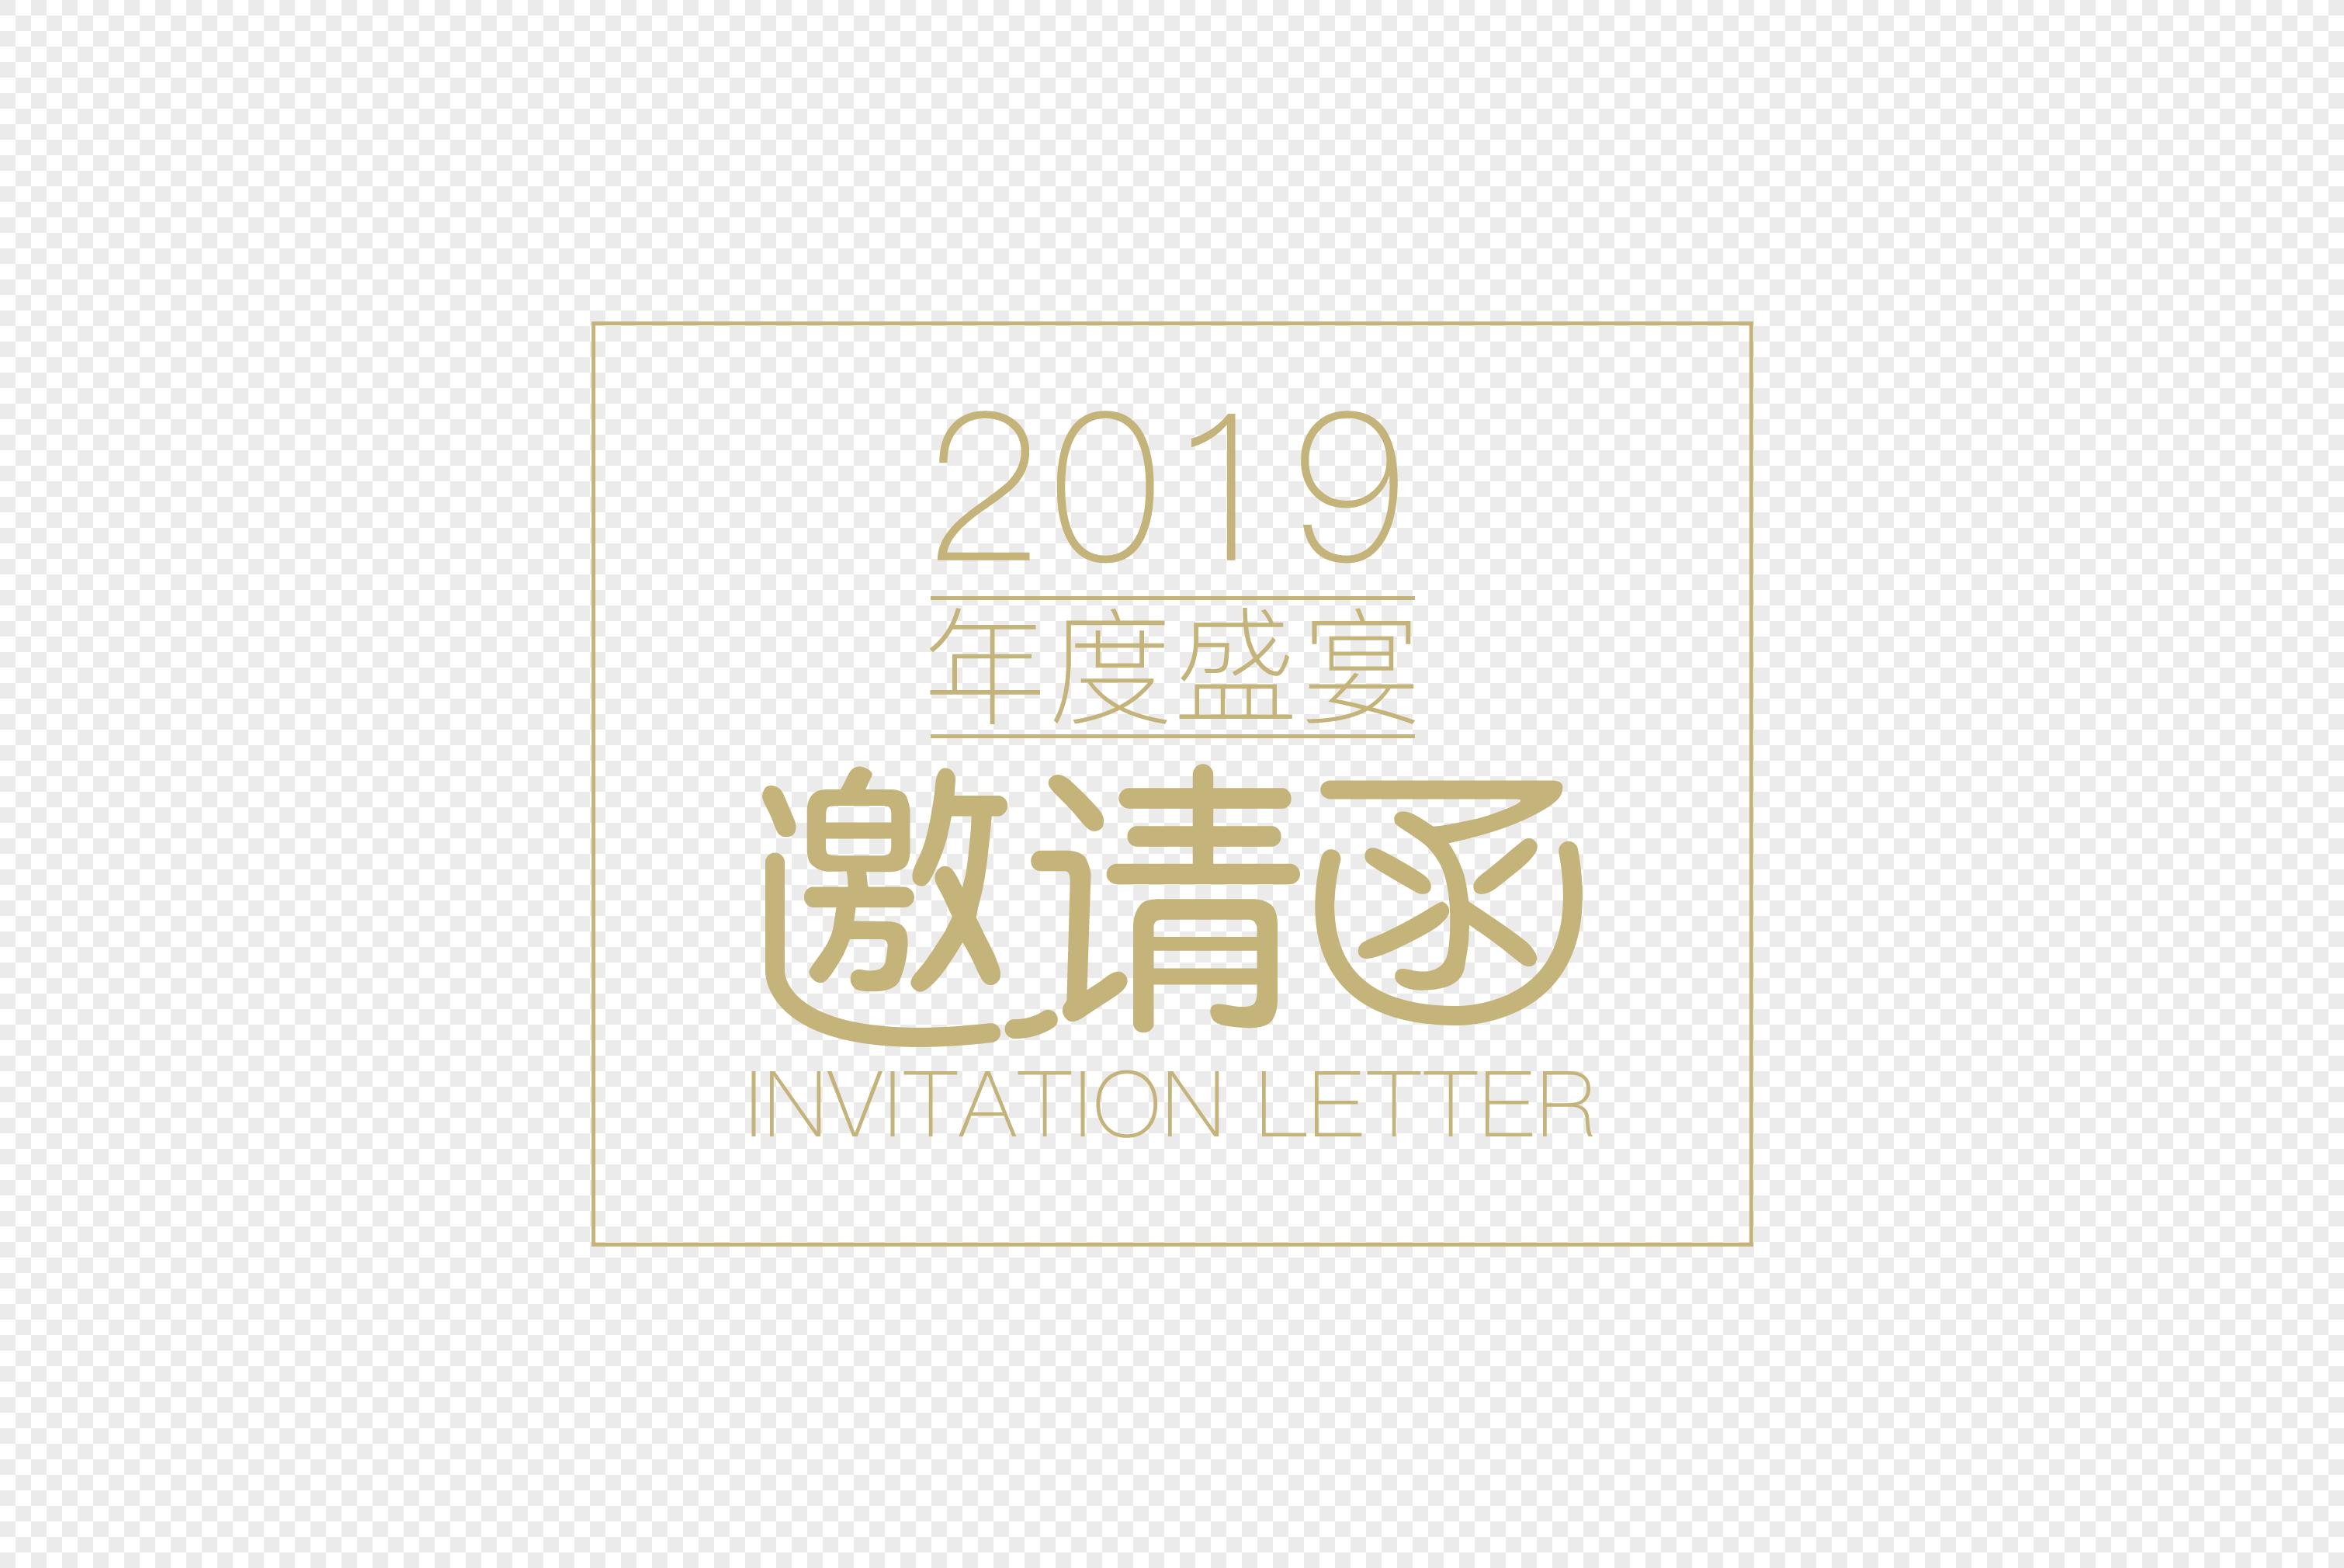 2019年会邀请函字体元素图片素材编号400906184_prf